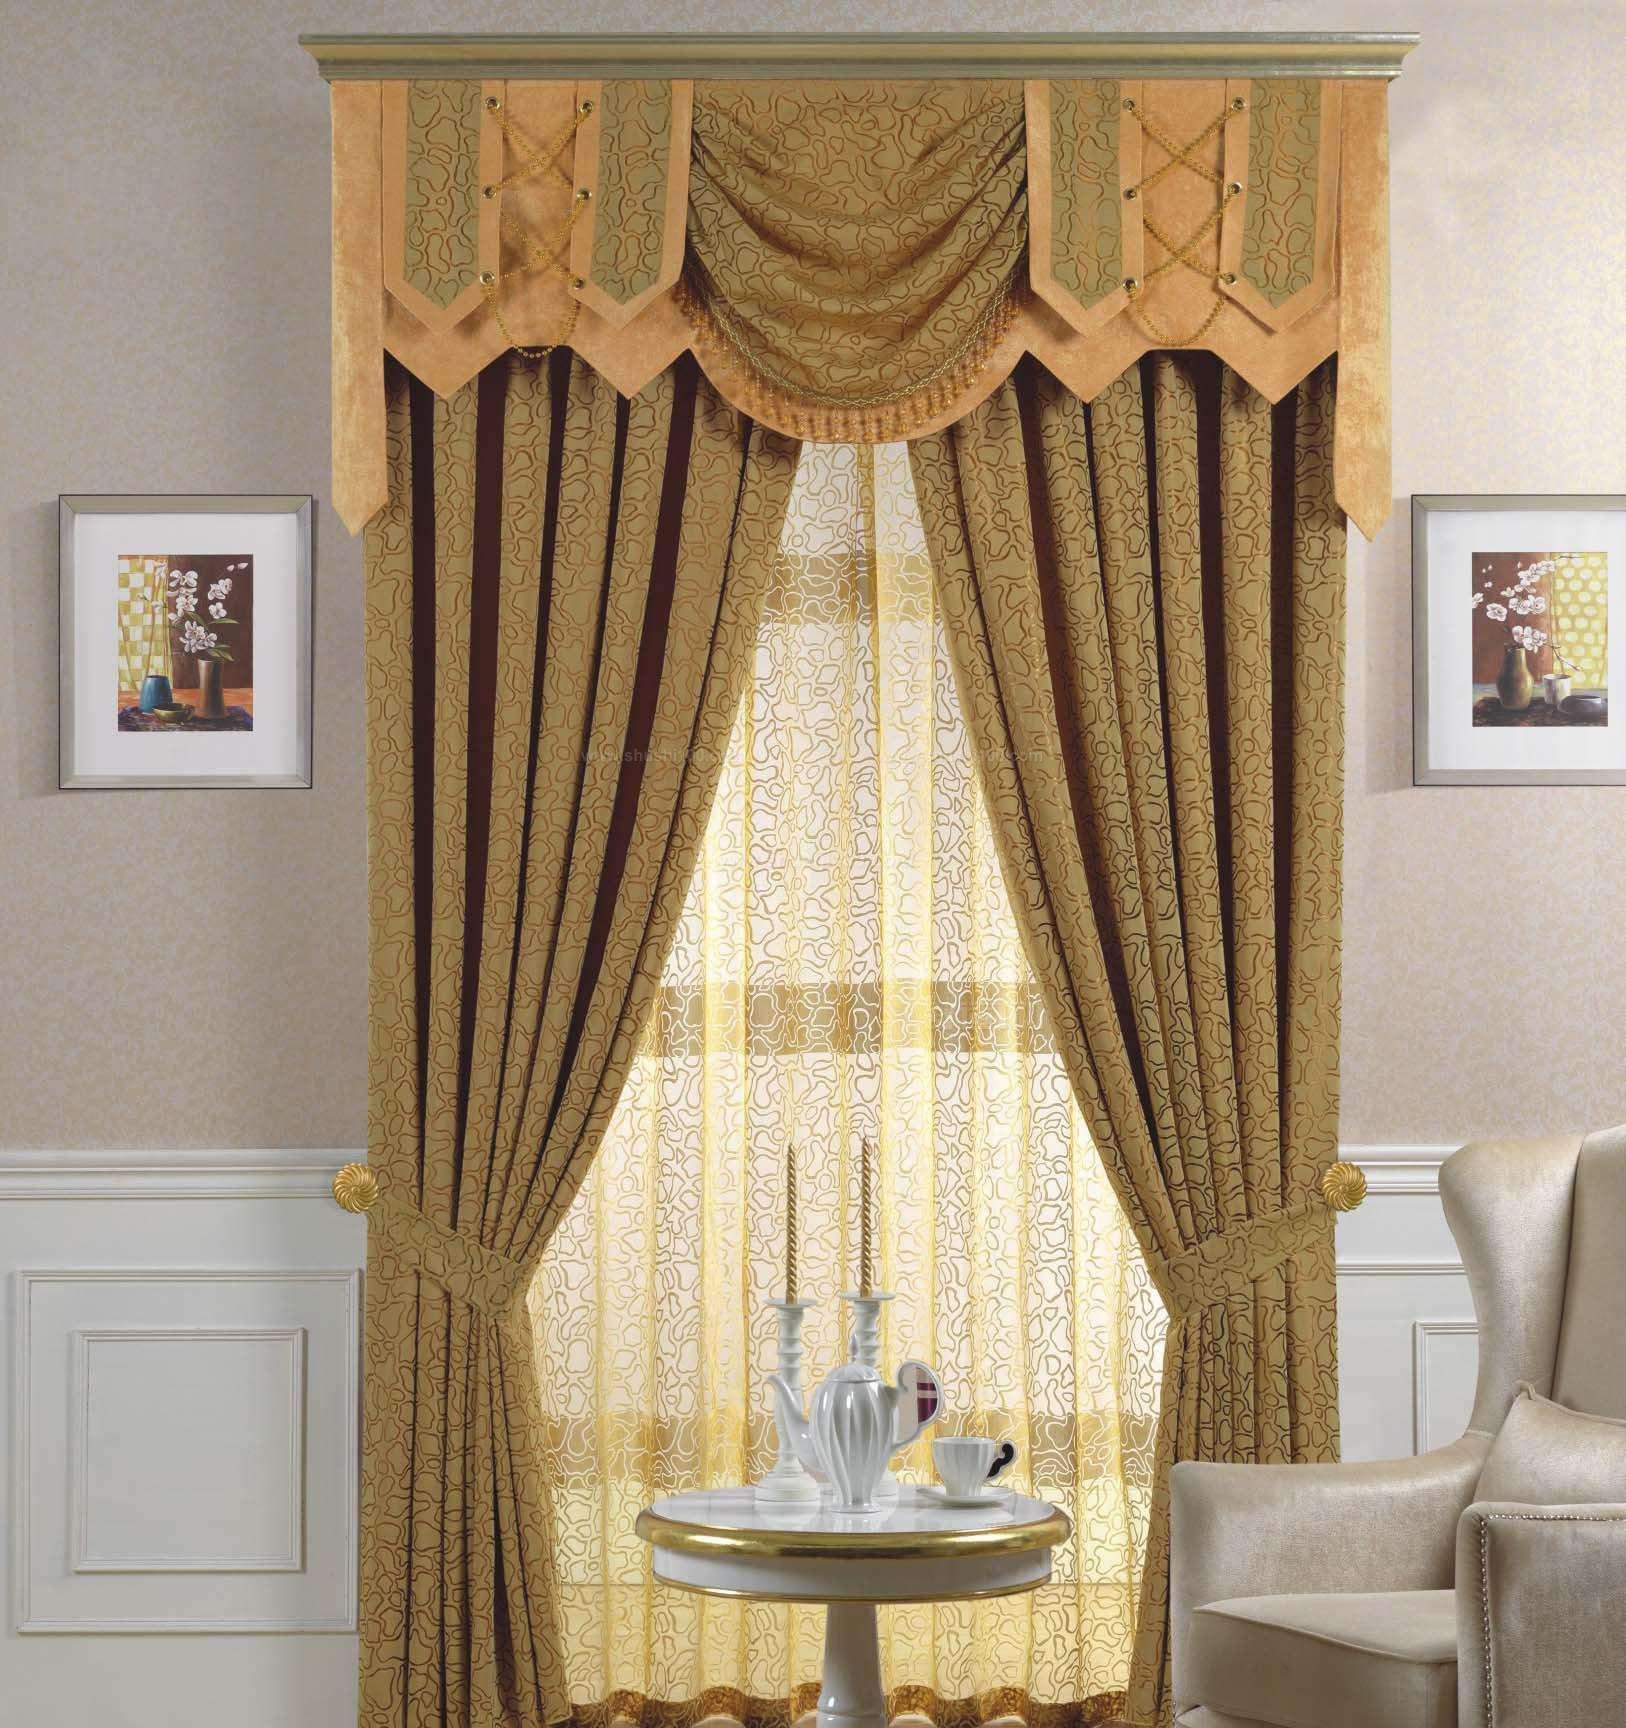 中式窗帘有哪些优点? 中式窗帘有哪些品牌?